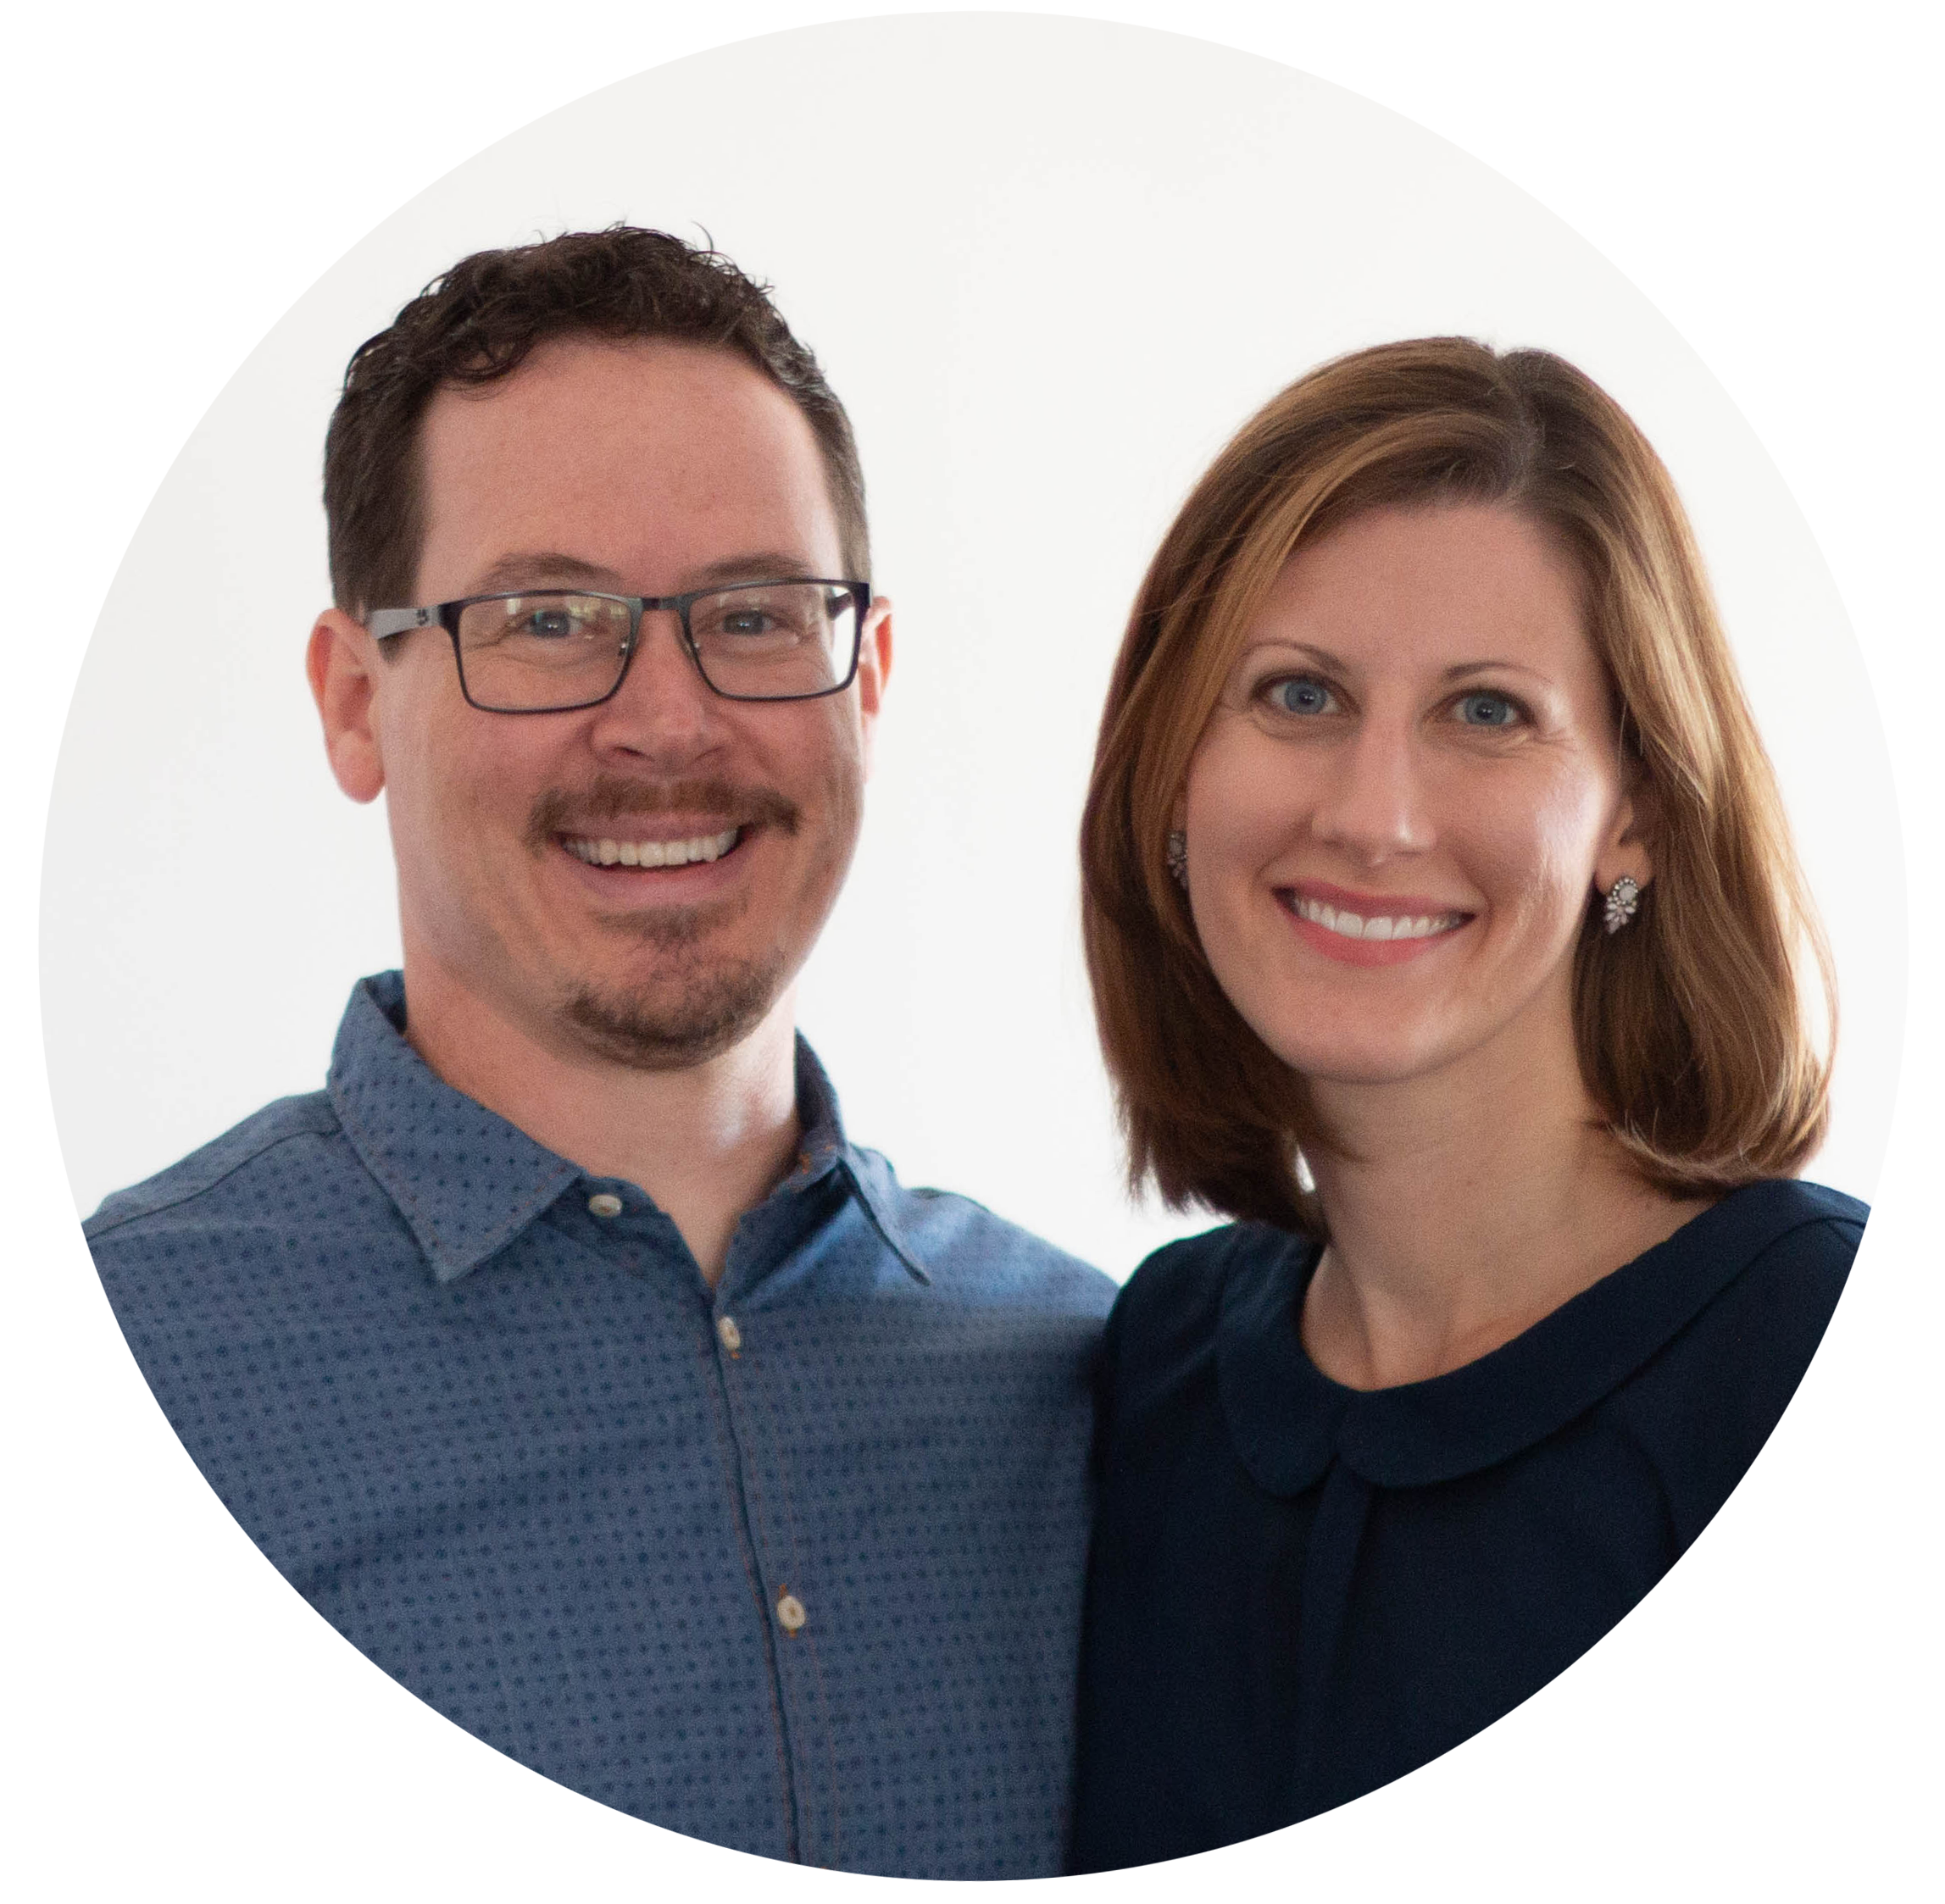 Brian e Jenni - RESPONSABILI PIAZZA BOLOGNA